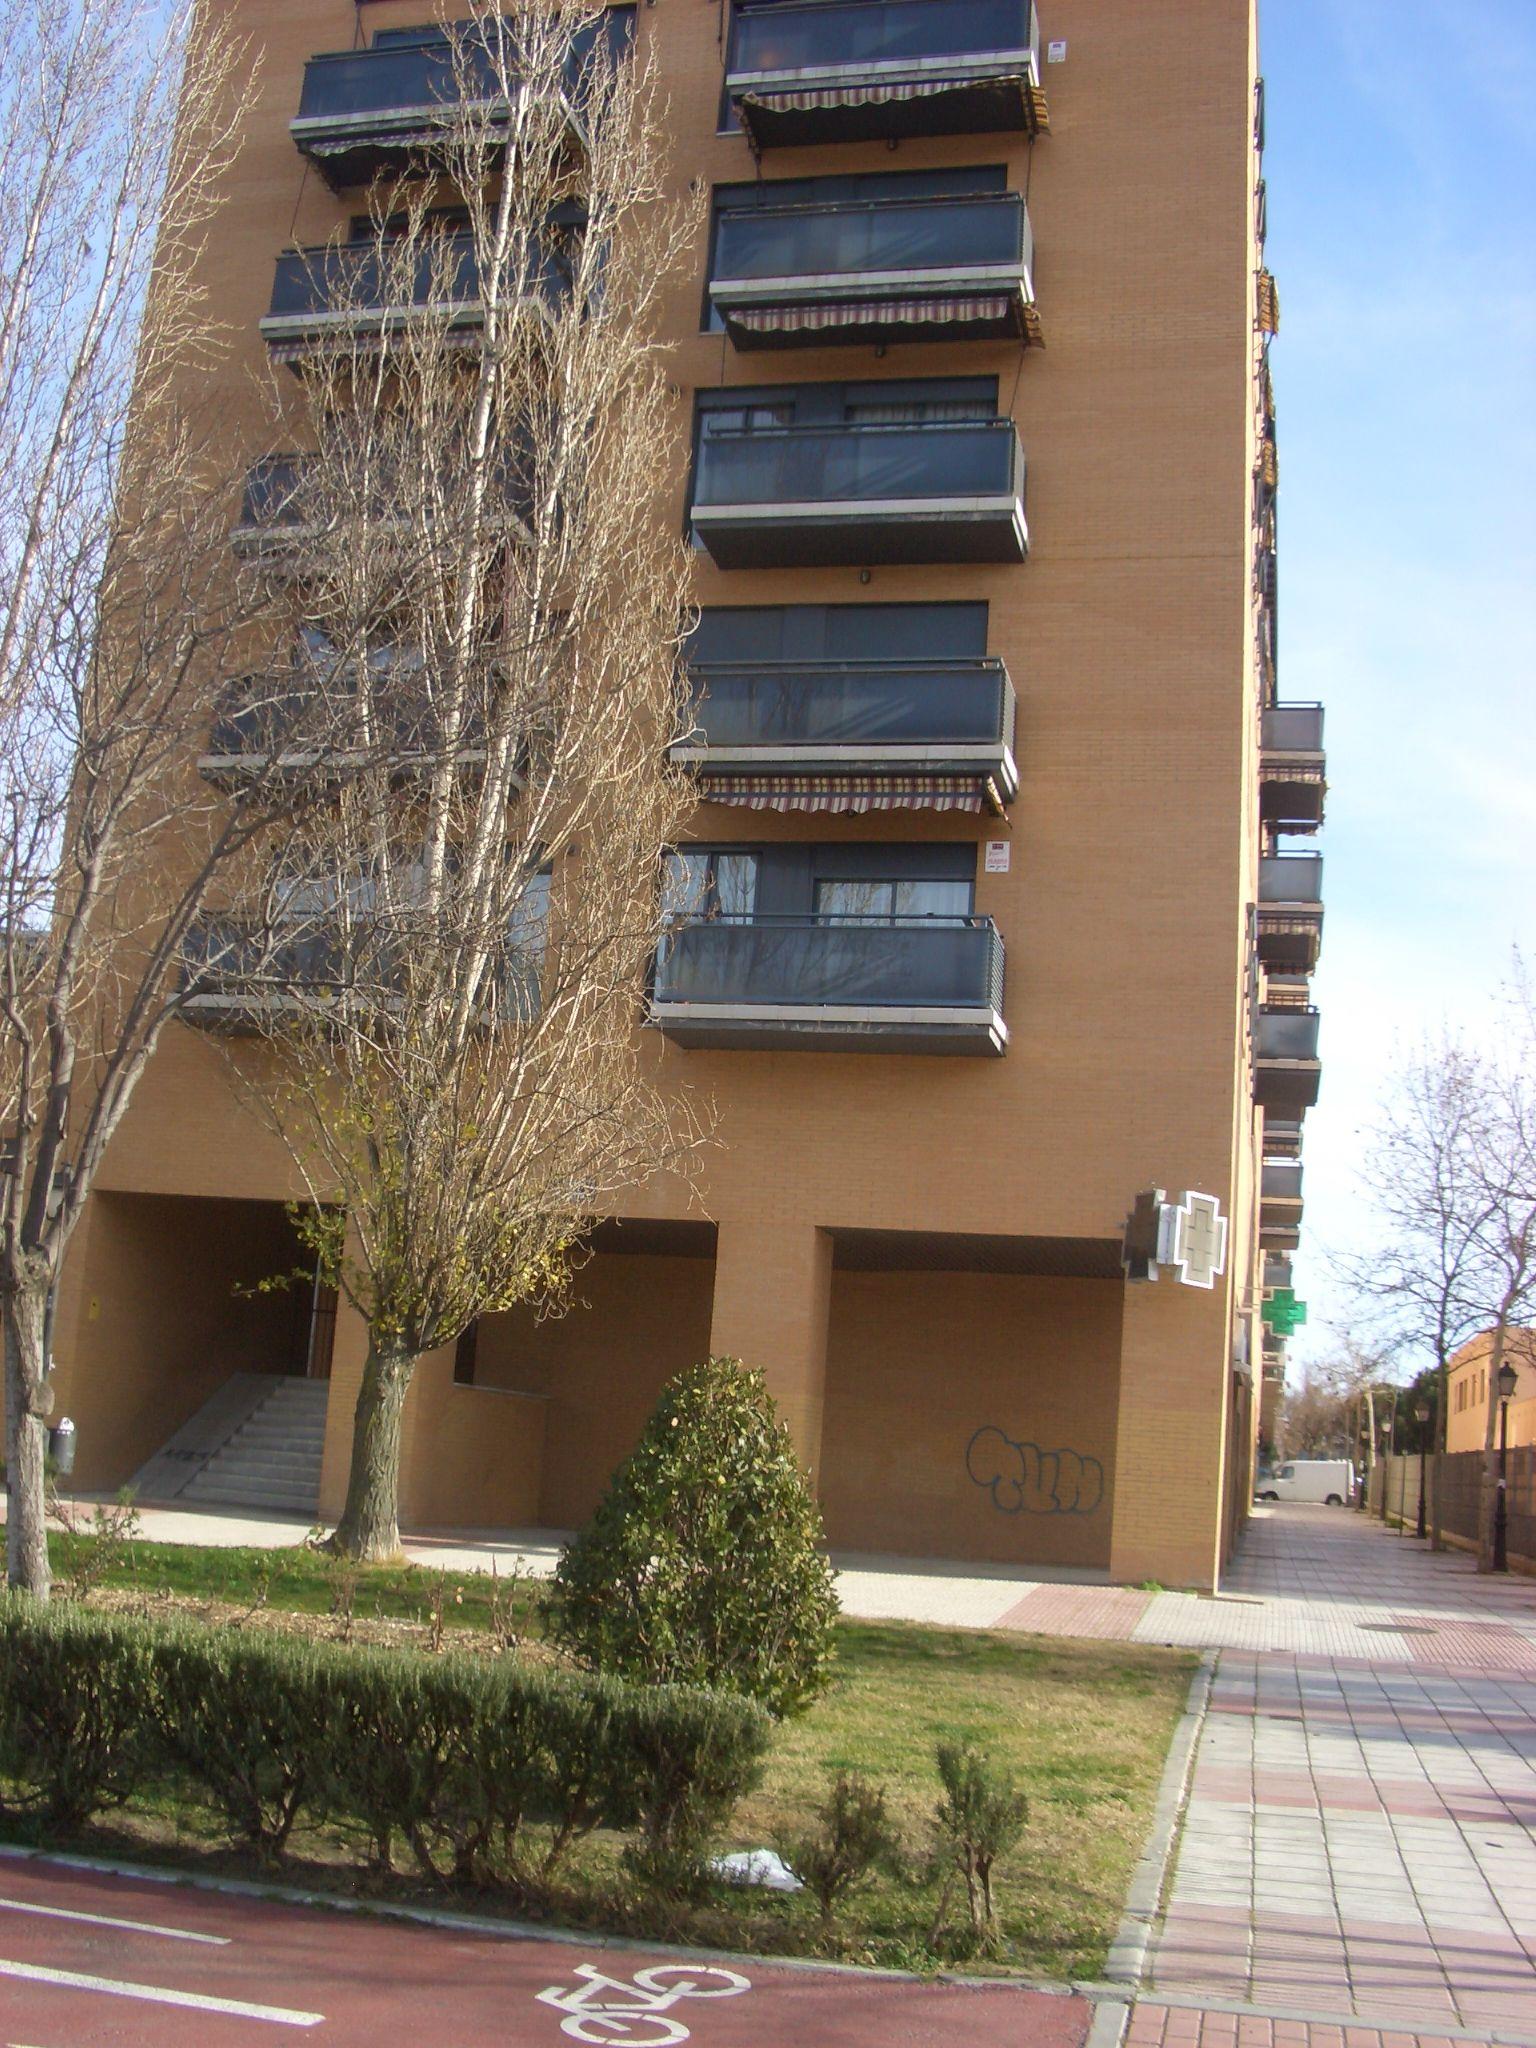 Foto 18 de Inmobiliarias en Madrid | Alvisa